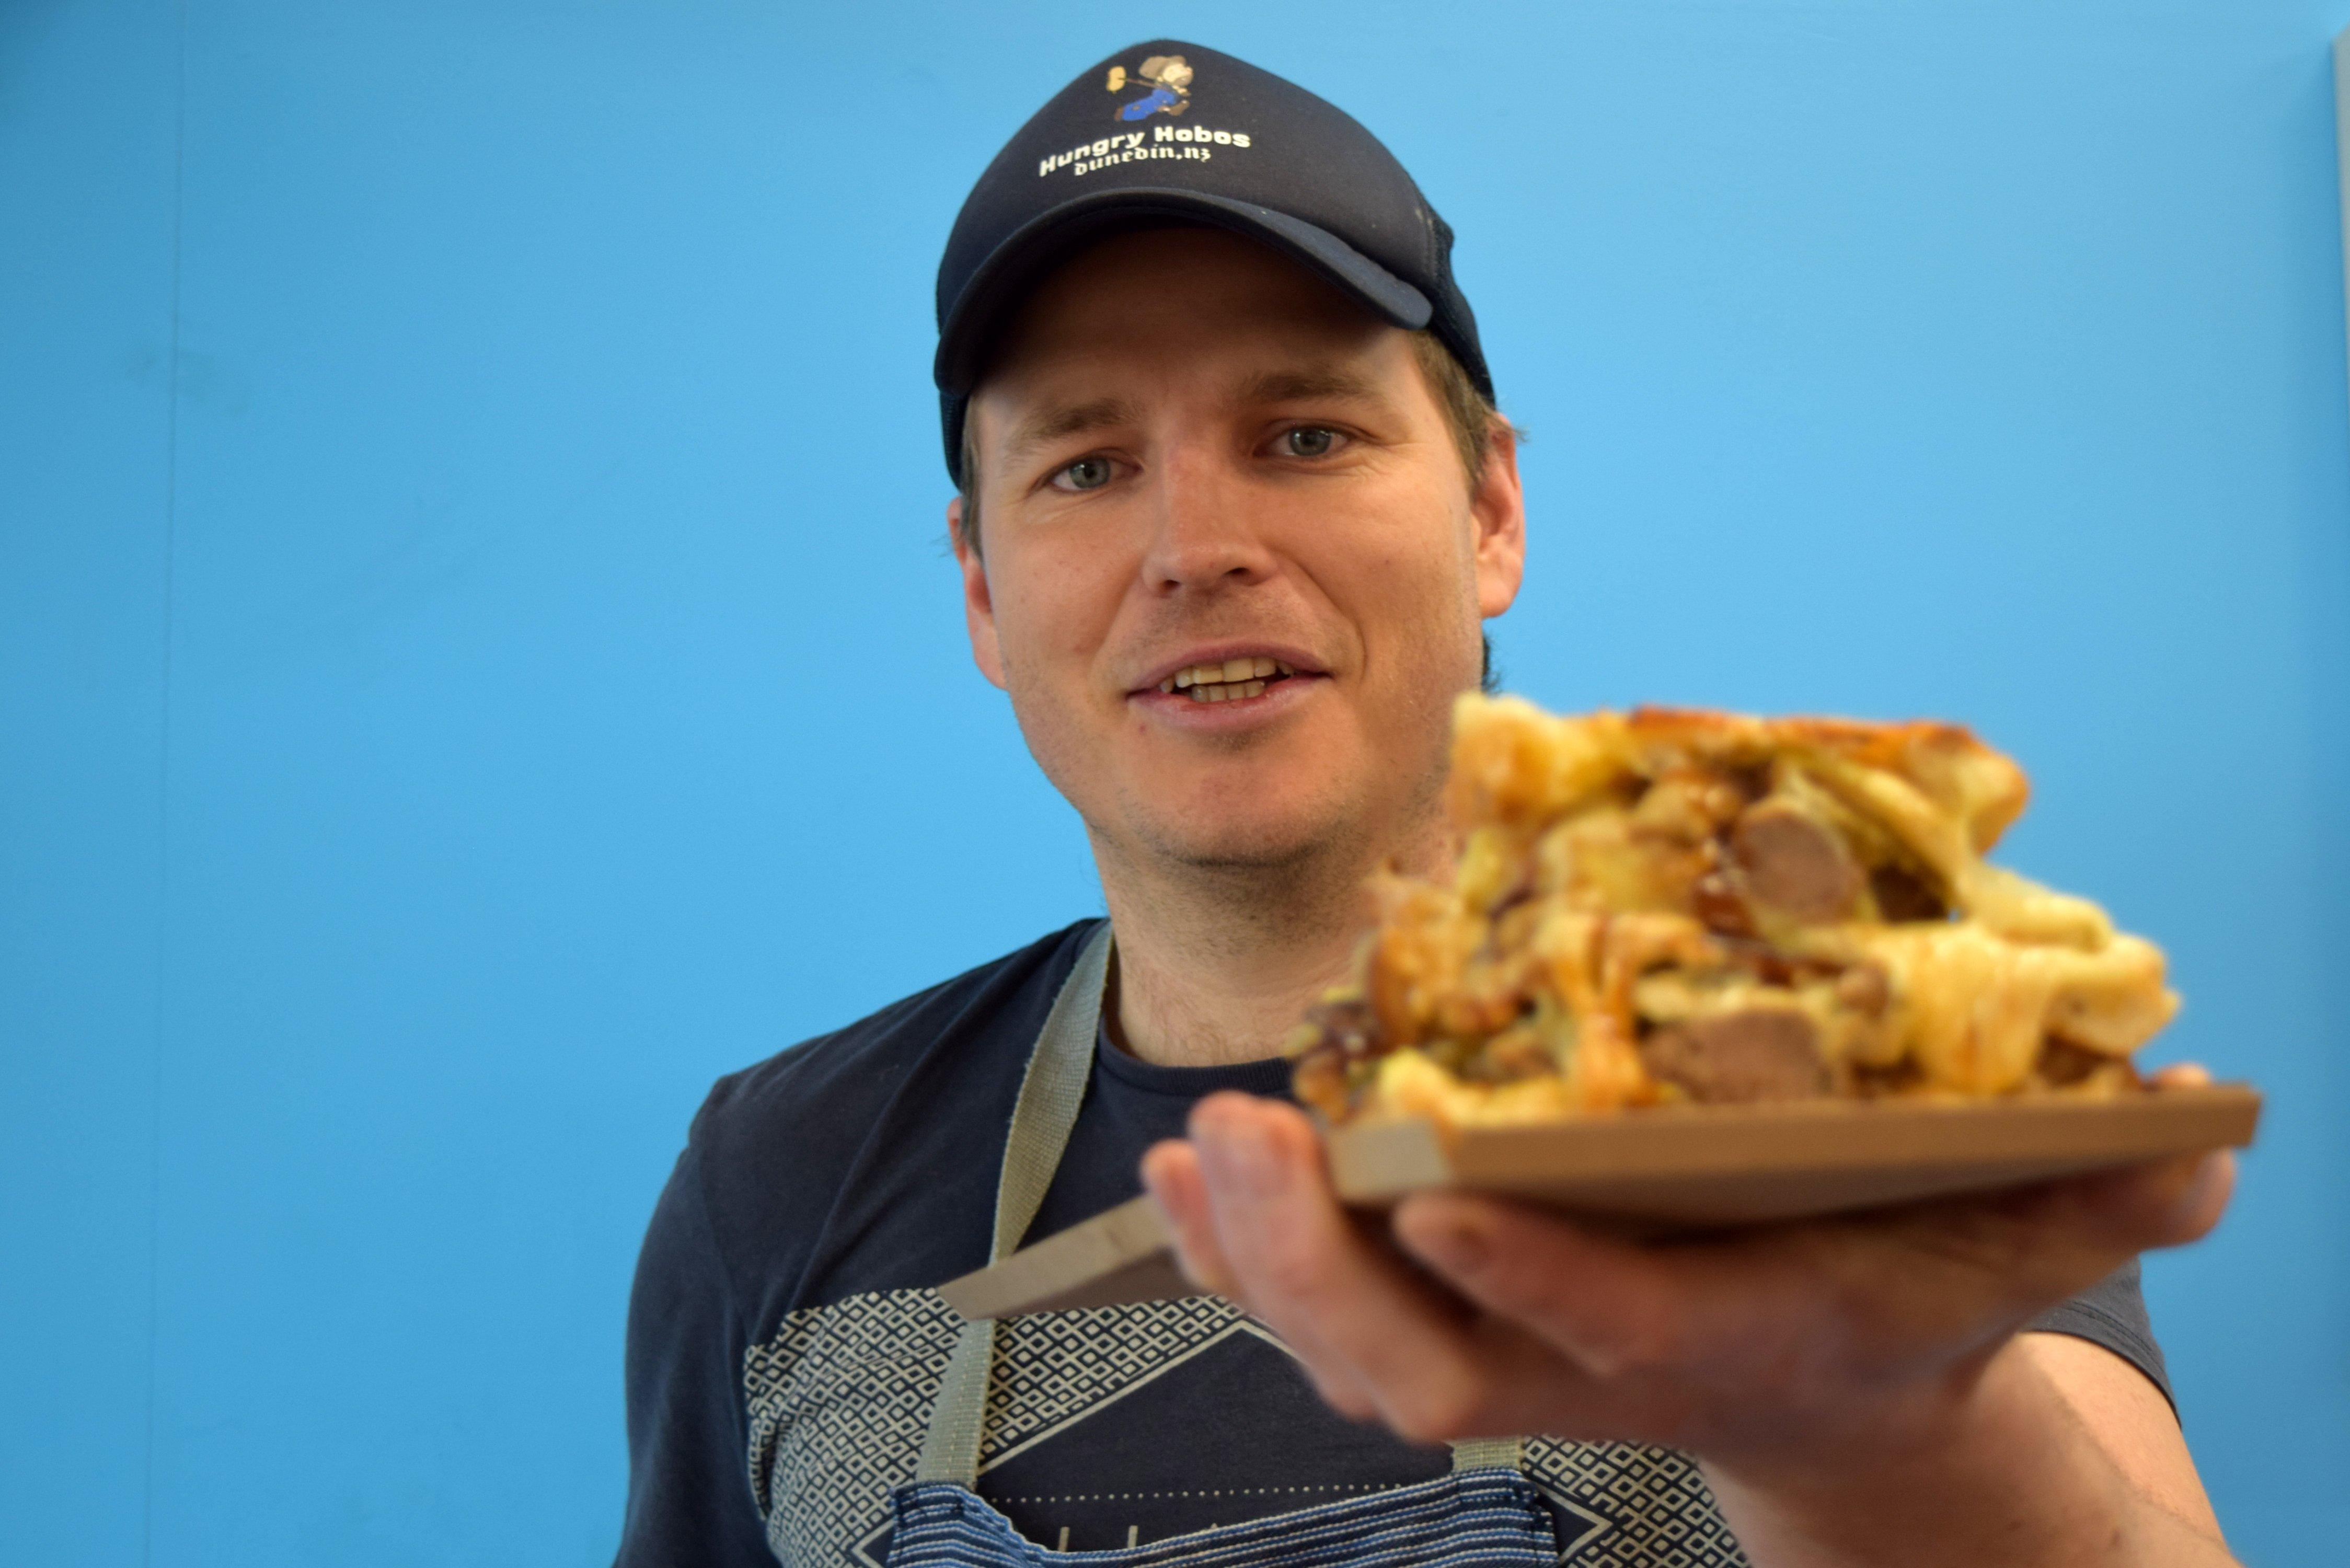 Best Toastie Made In Dunedin Otago Daily Times Online News Viet sandwich, auckland, new zealand. best toastie made in dunedin otago daily times online news